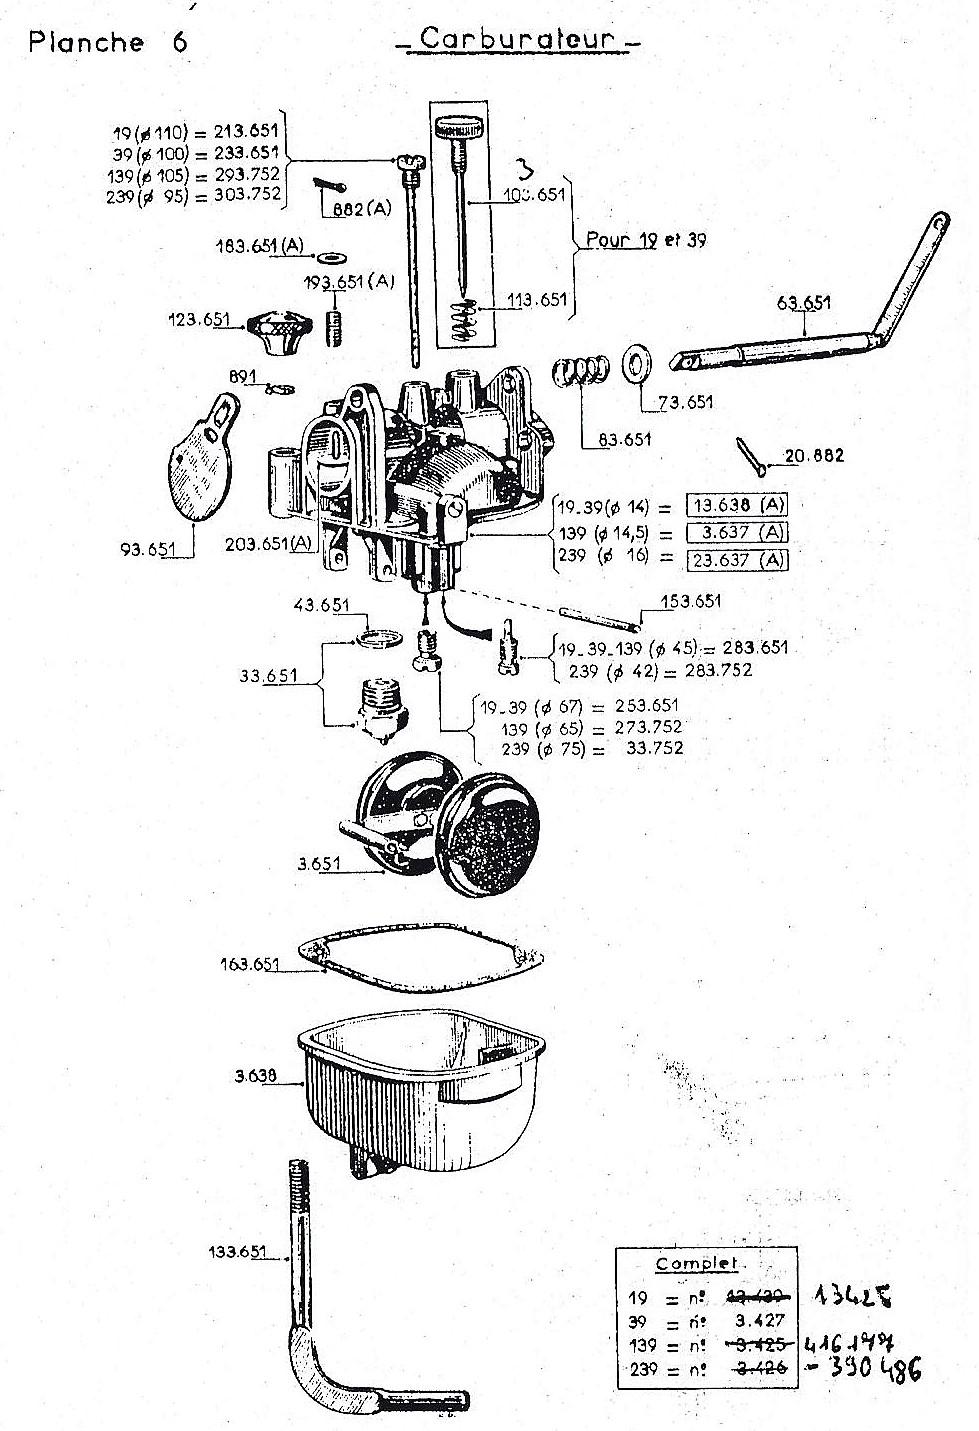 vue éclatée carburateur W19-W139-W239W19-W139-W239